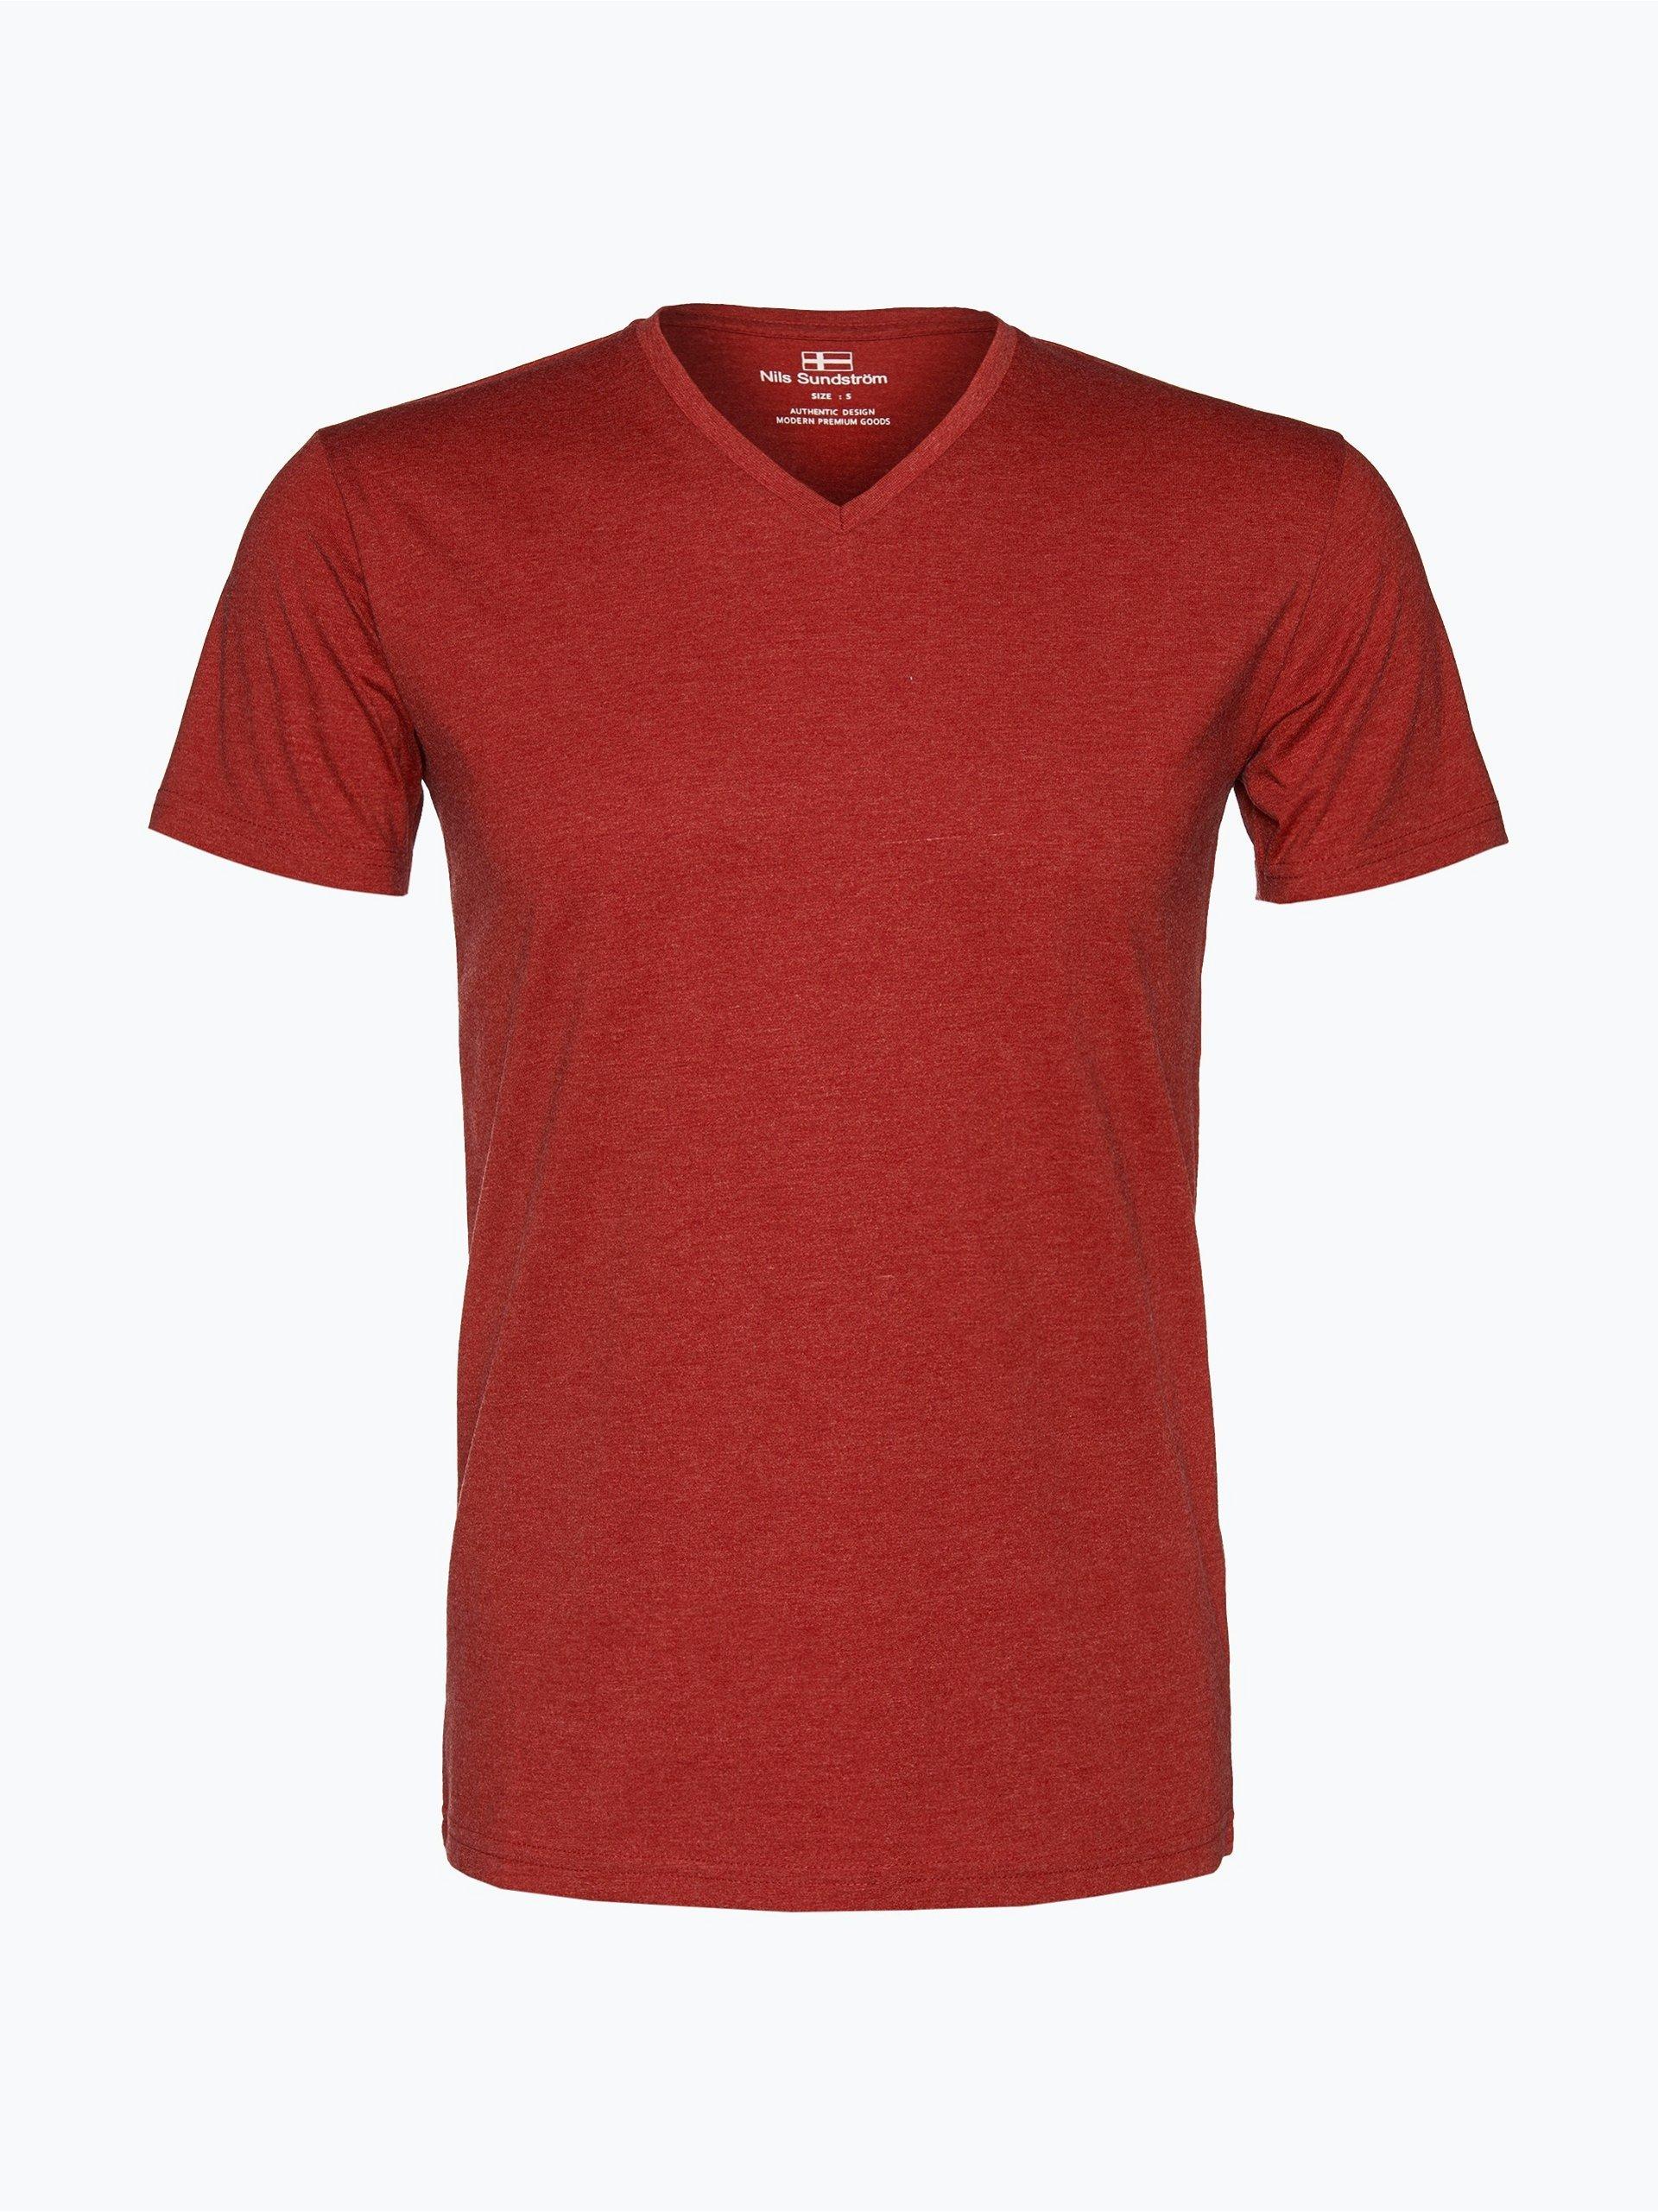 Nils Sundström T-shirt męski